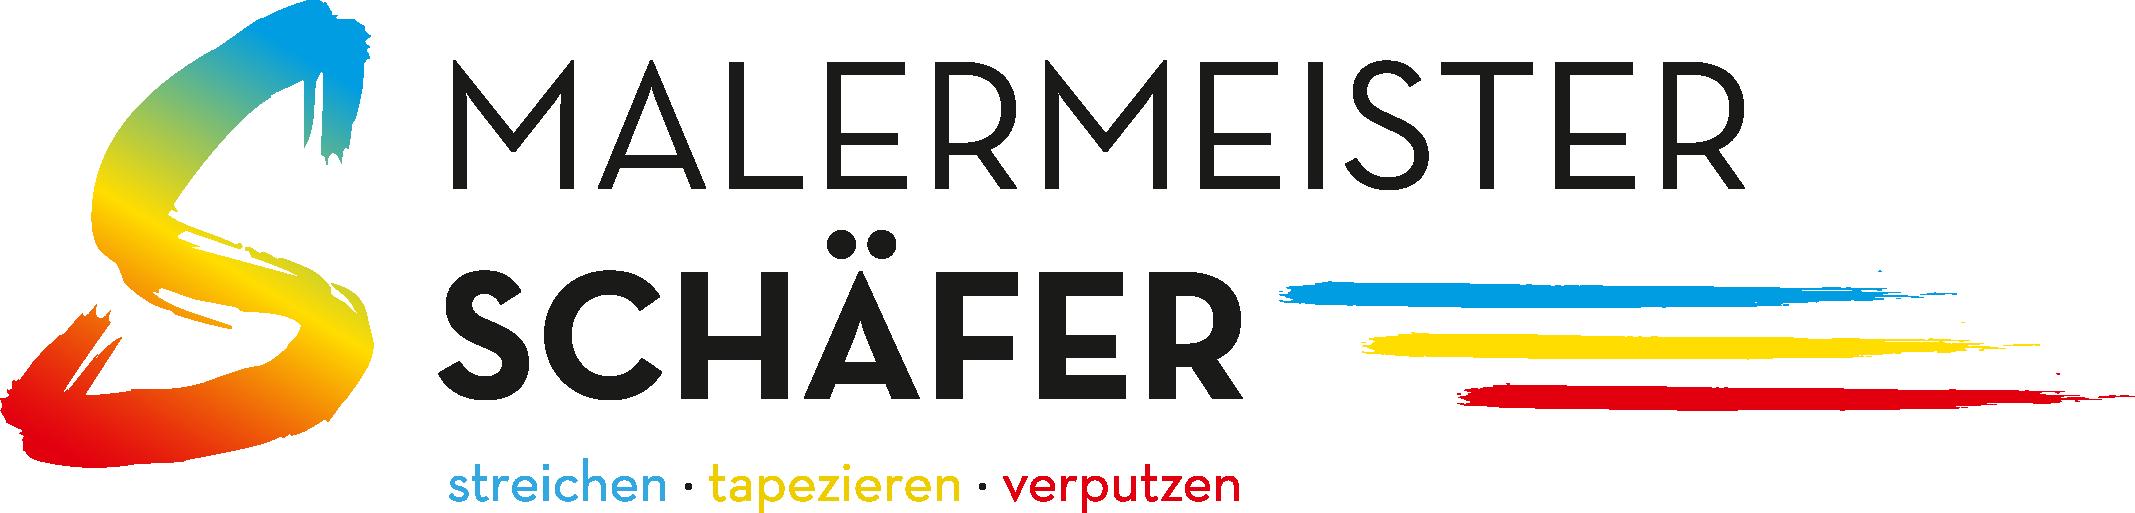 Malermeister Reiner Schäfer